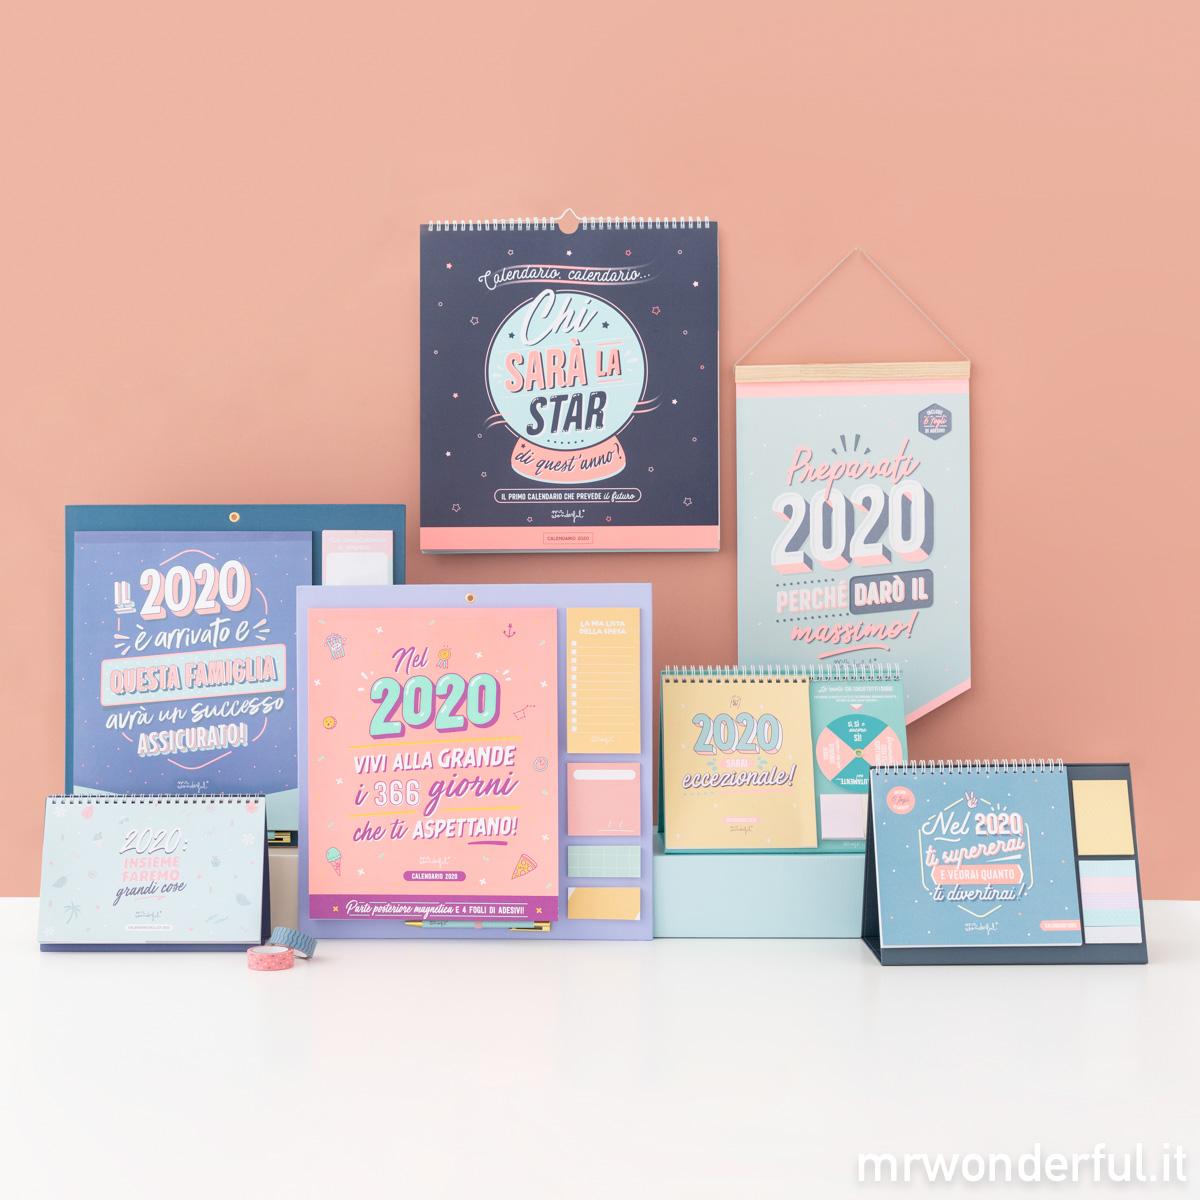 luglio 2020 divertente//stravagante giugno 2021 idea regalo Tiger King 2020-2021 Calendario da parete //// Mid Year